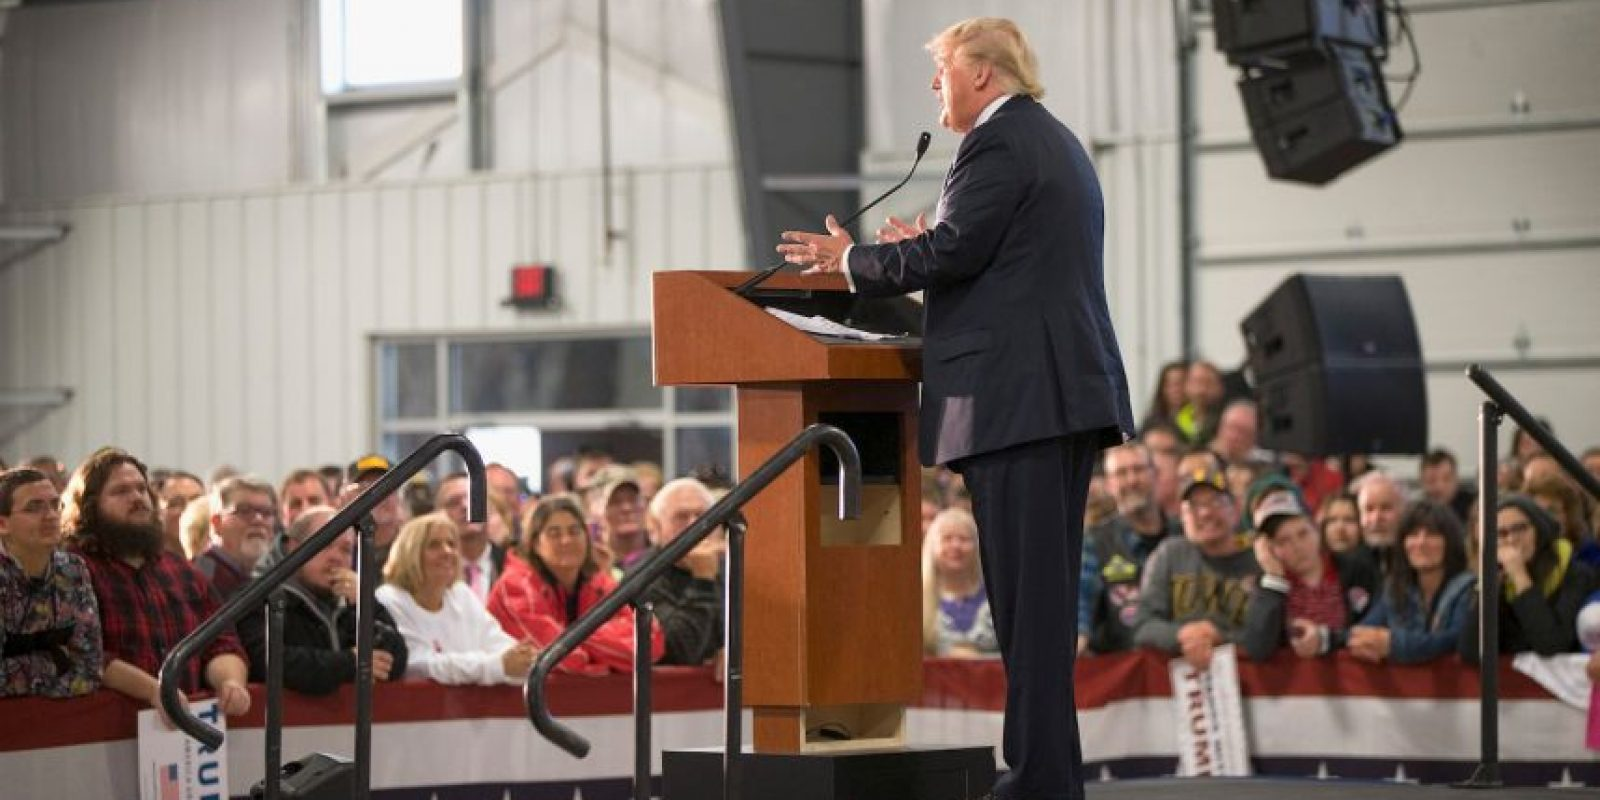 La propuesta de Trump contra los musulmanes ha causado molestias en todo el mundo. Foto:AFP